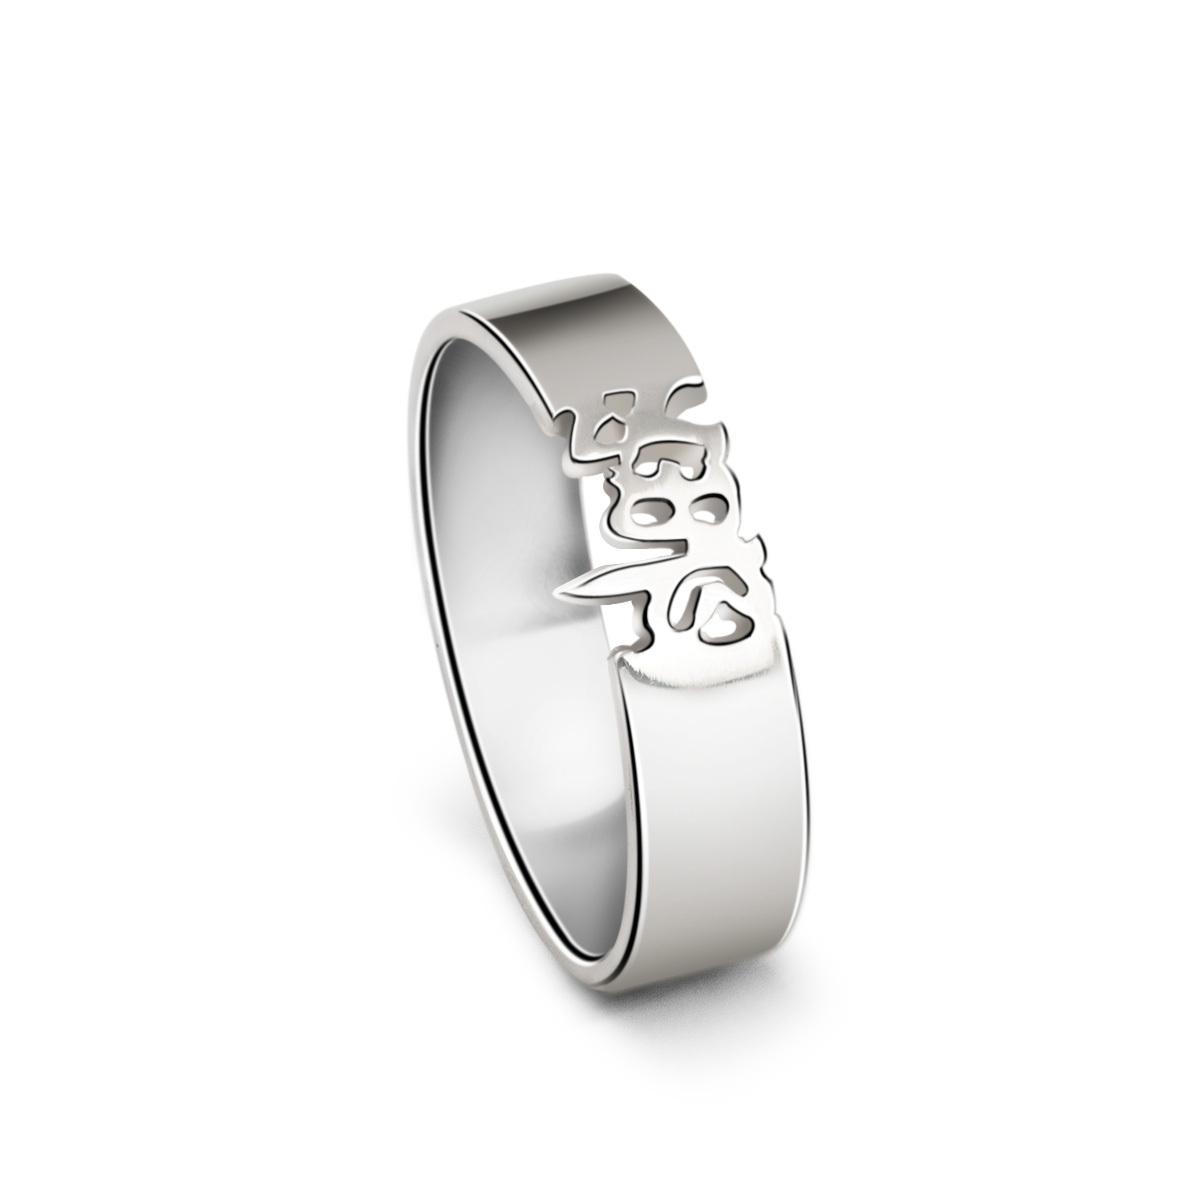 定制戒指个性名字定制刻字创意礼物 男送女戒指 925纯银 唯美的爱